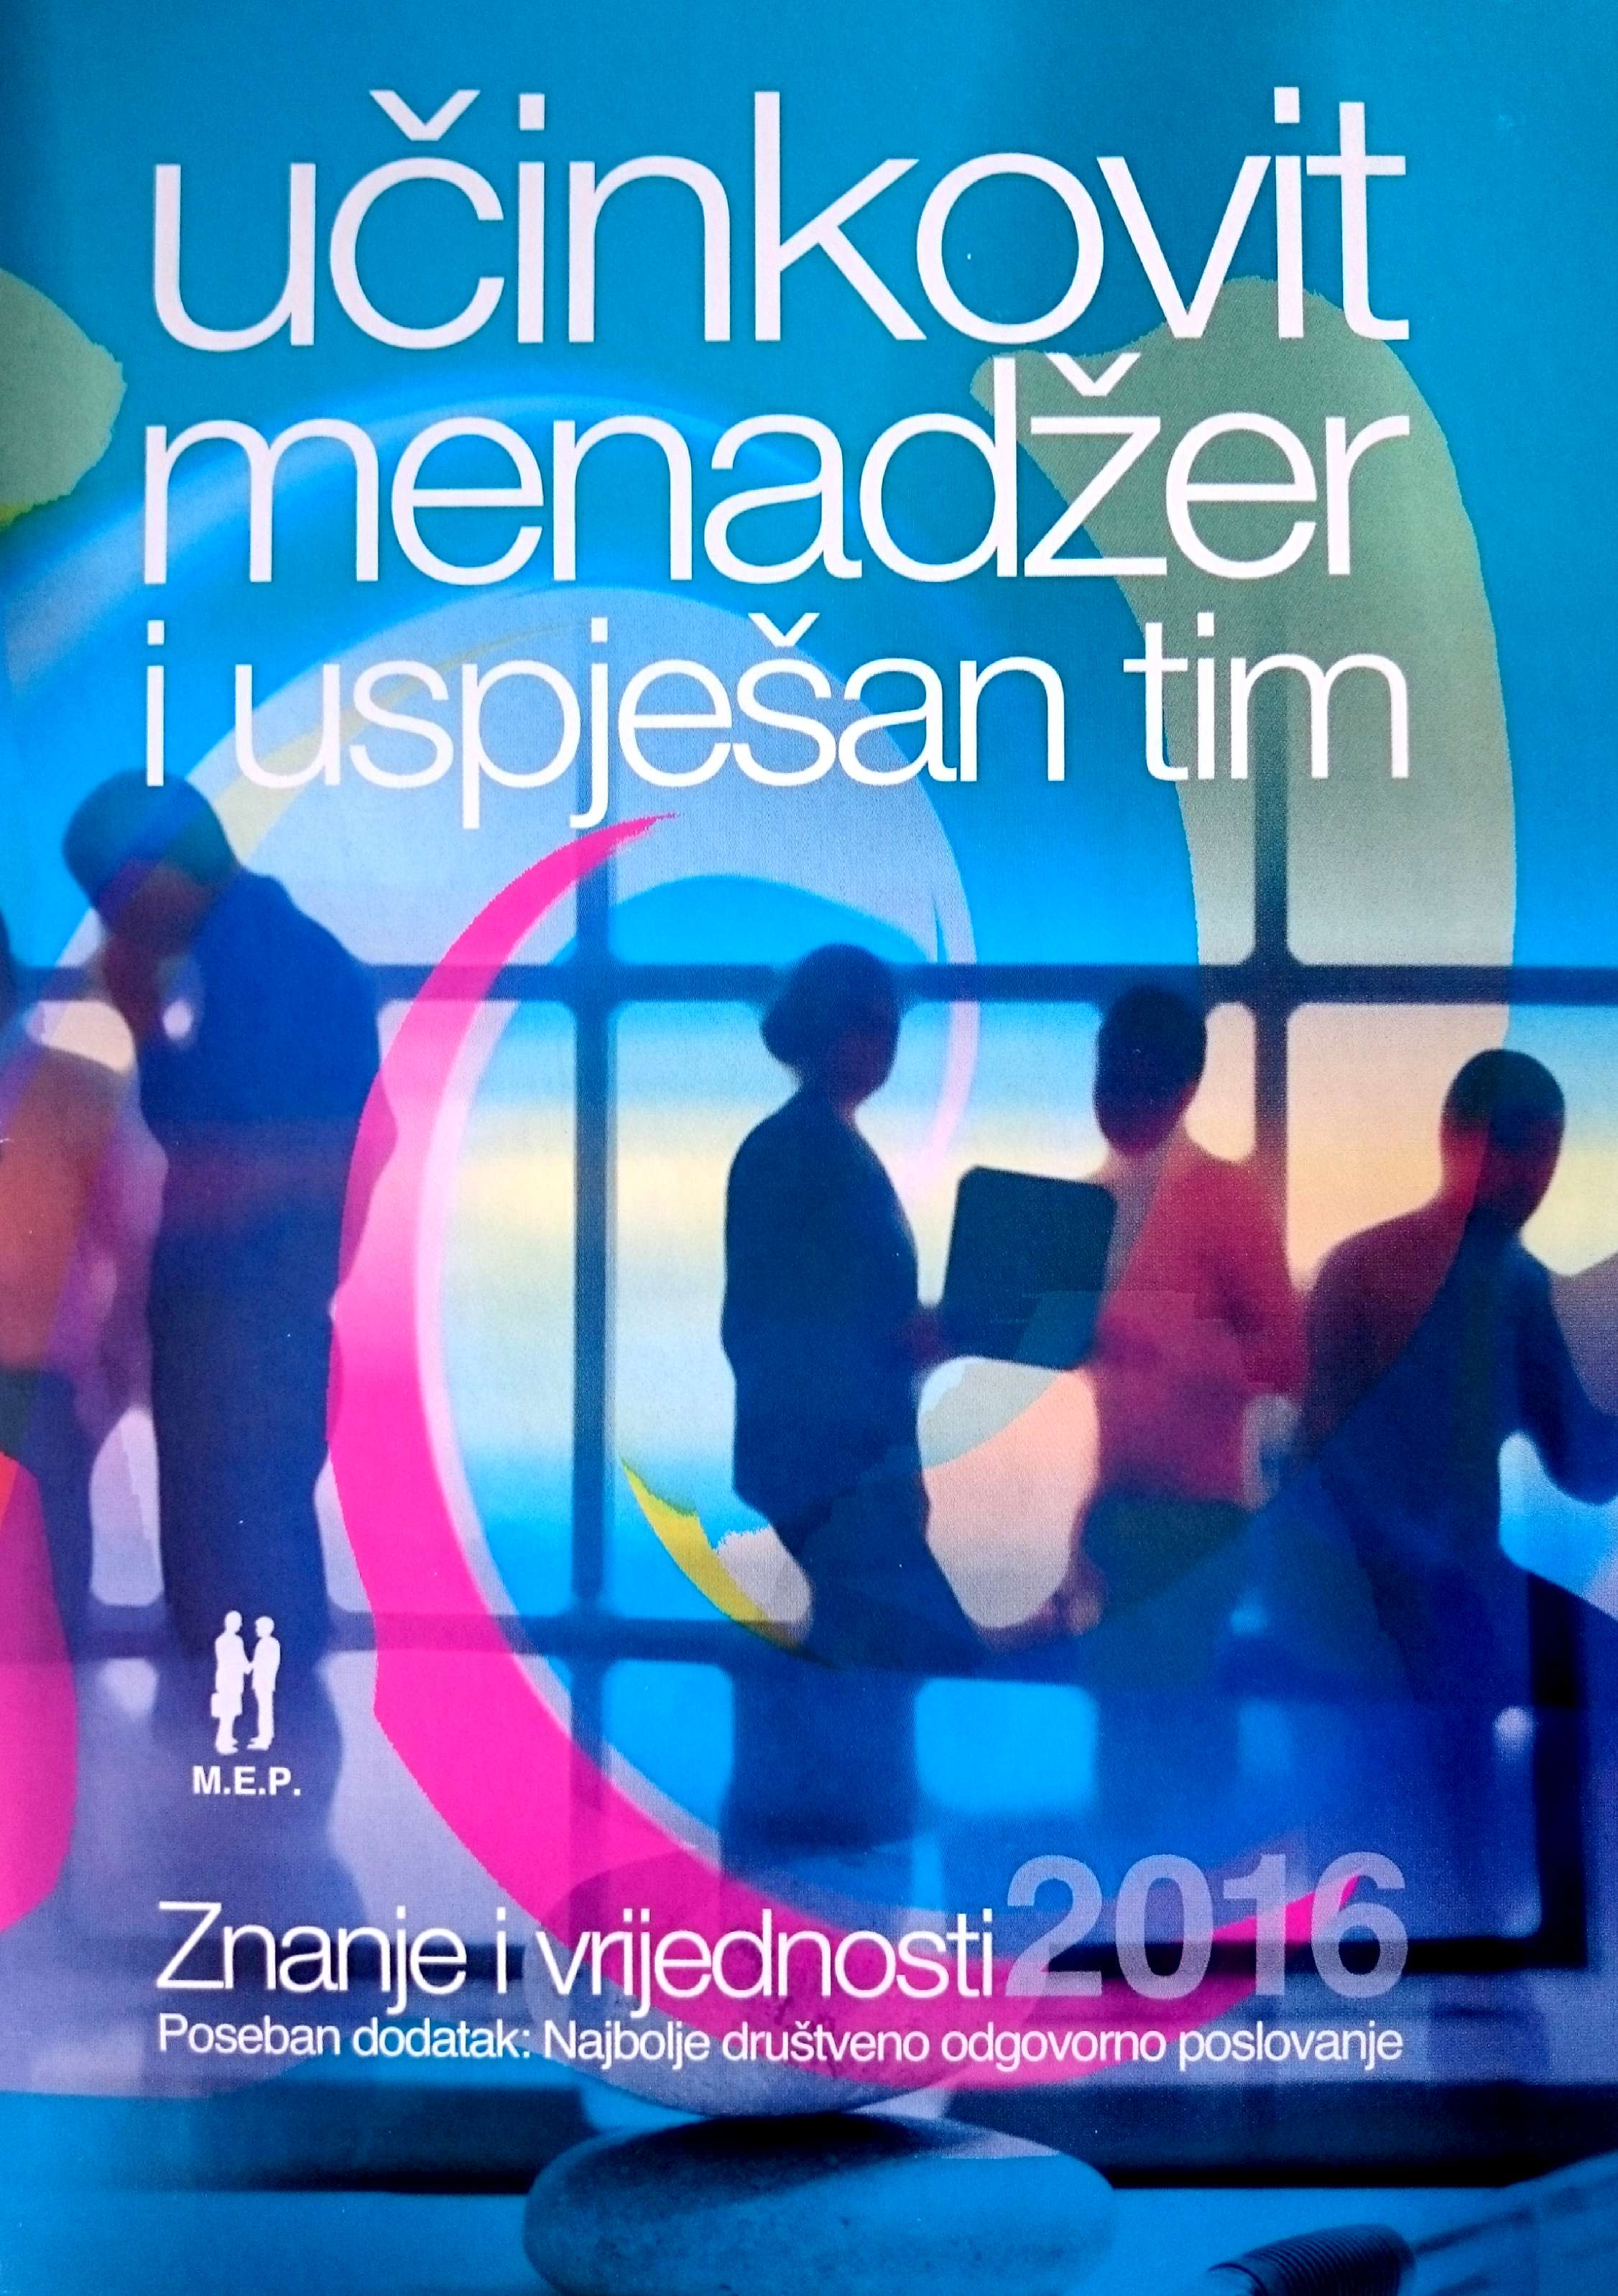 UČINKOVIT MENADŽER I USPJEŠNI TIM 2016 - Naruči svoju knjigu